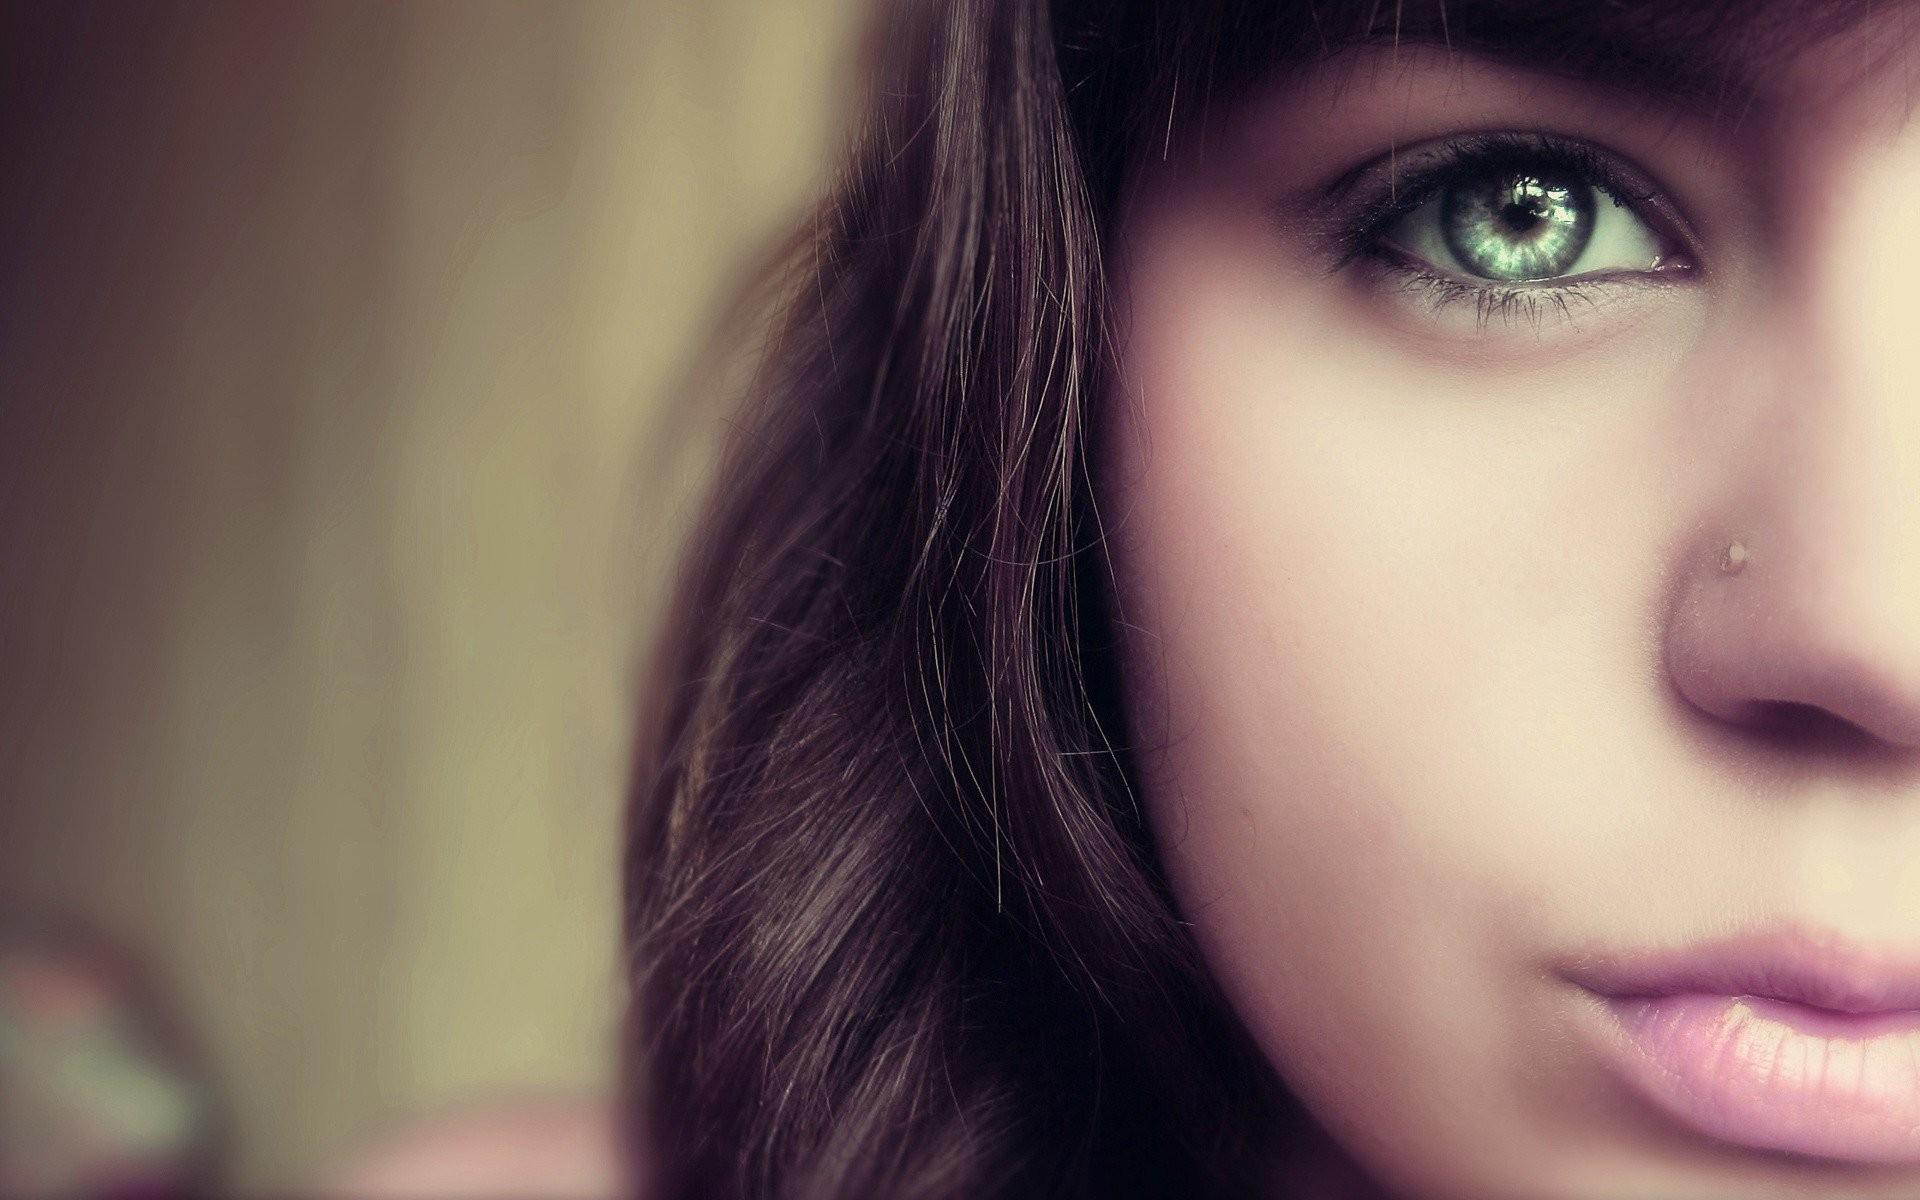 Картинка девушки с зелеными глазами улыбающаяся